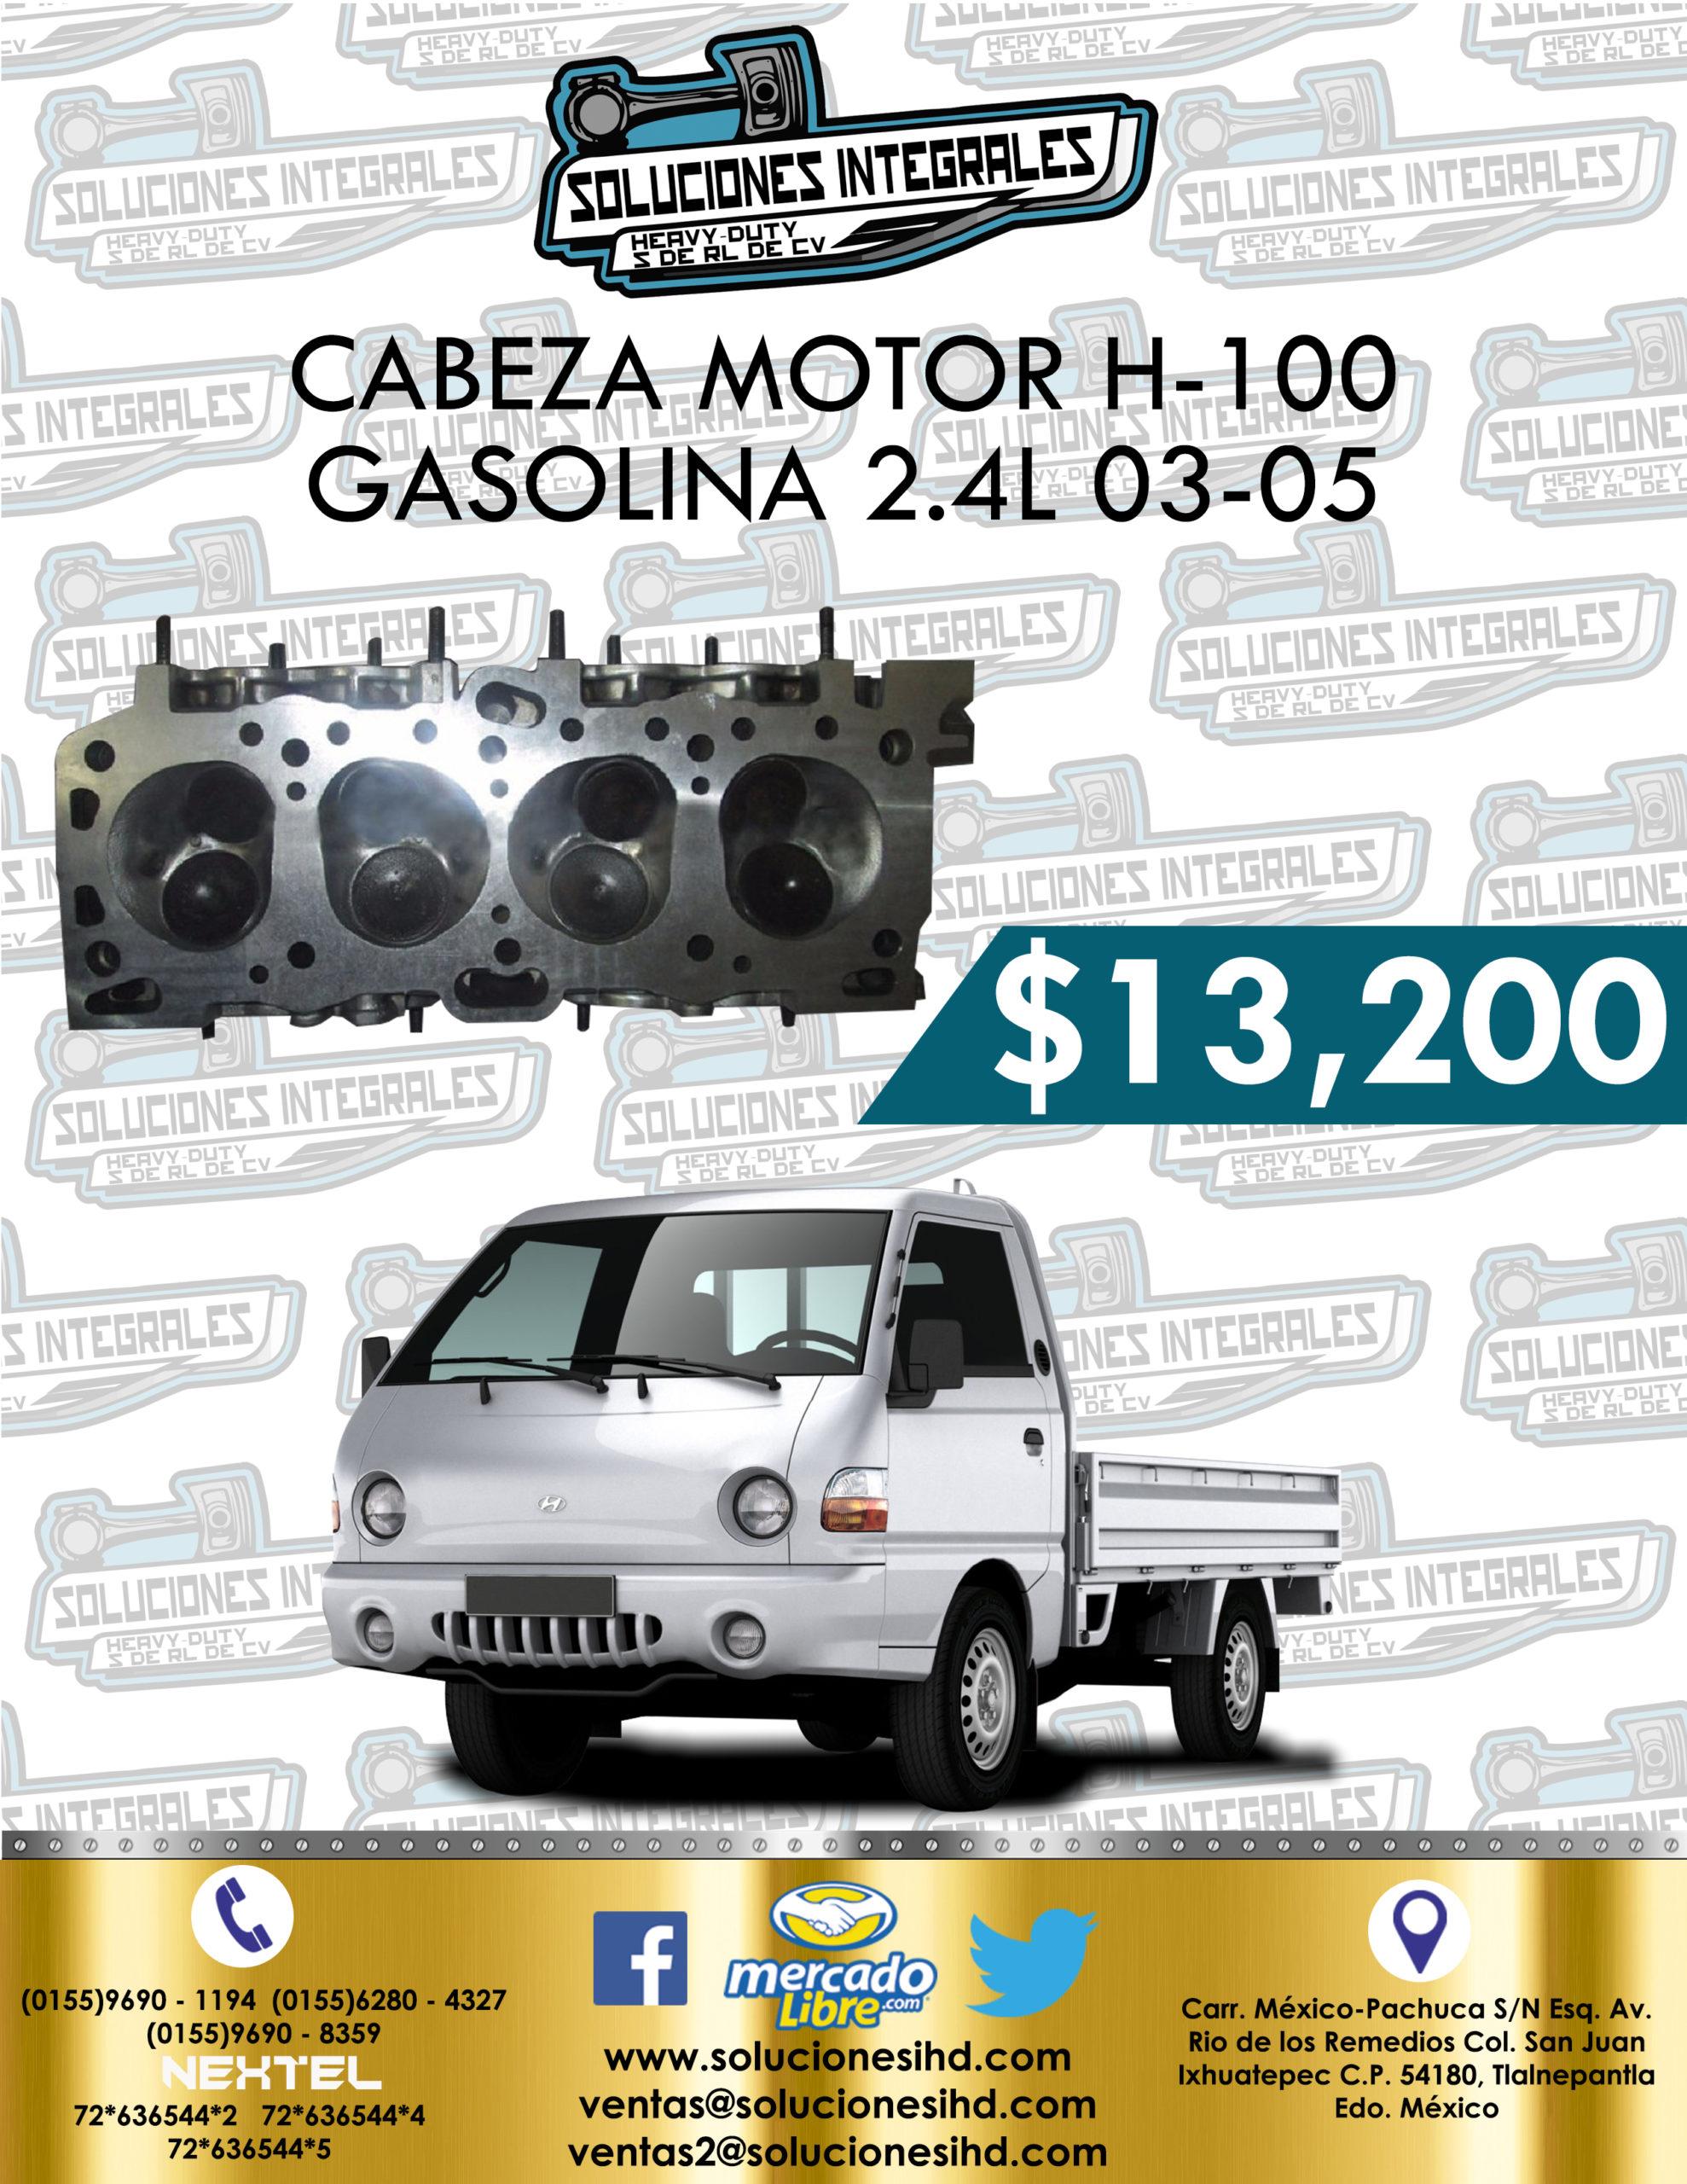 CABEZA MOTOR H-100 GASOLINA 2.4L